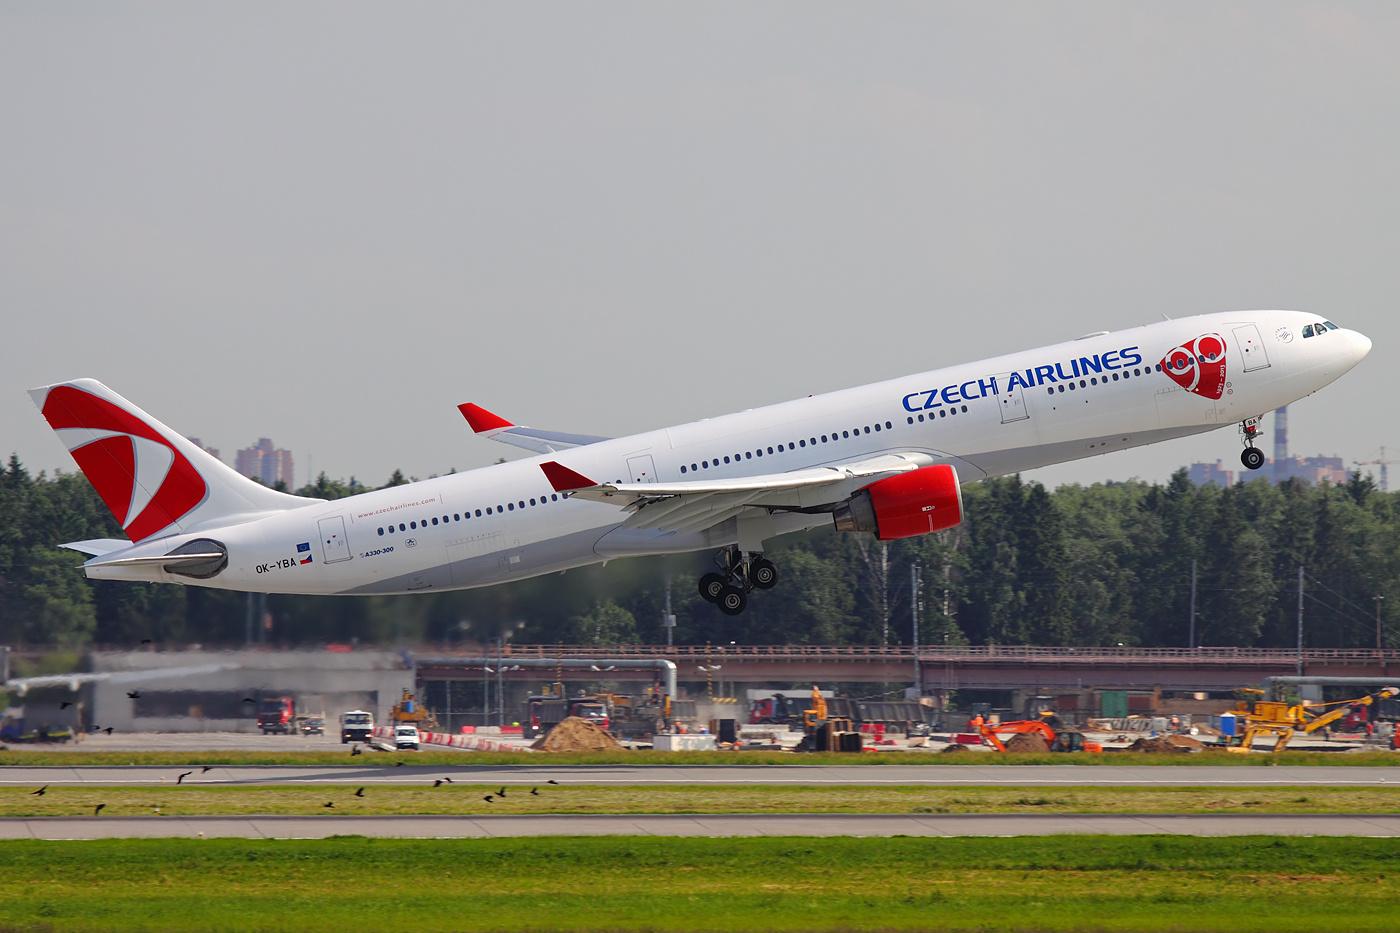 ČSA Airbus A330-323